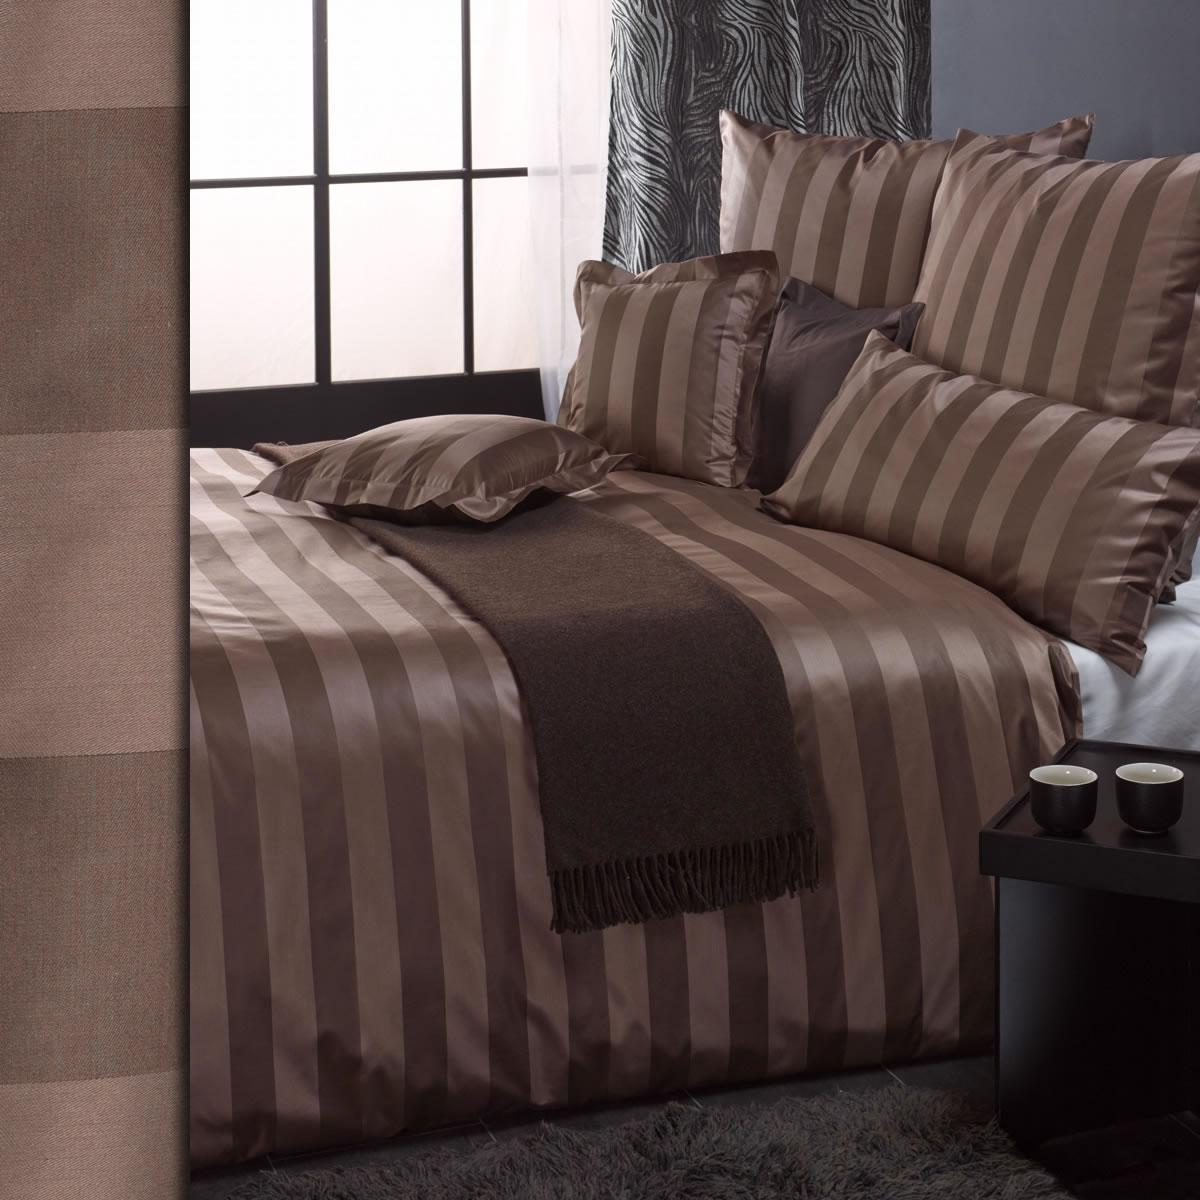 curt bauer mako brokat damast bettw sche como 200x220 cm 2044 blockstreifen ebay. Black Bedroom Furniture Sets. Home Design Ideas